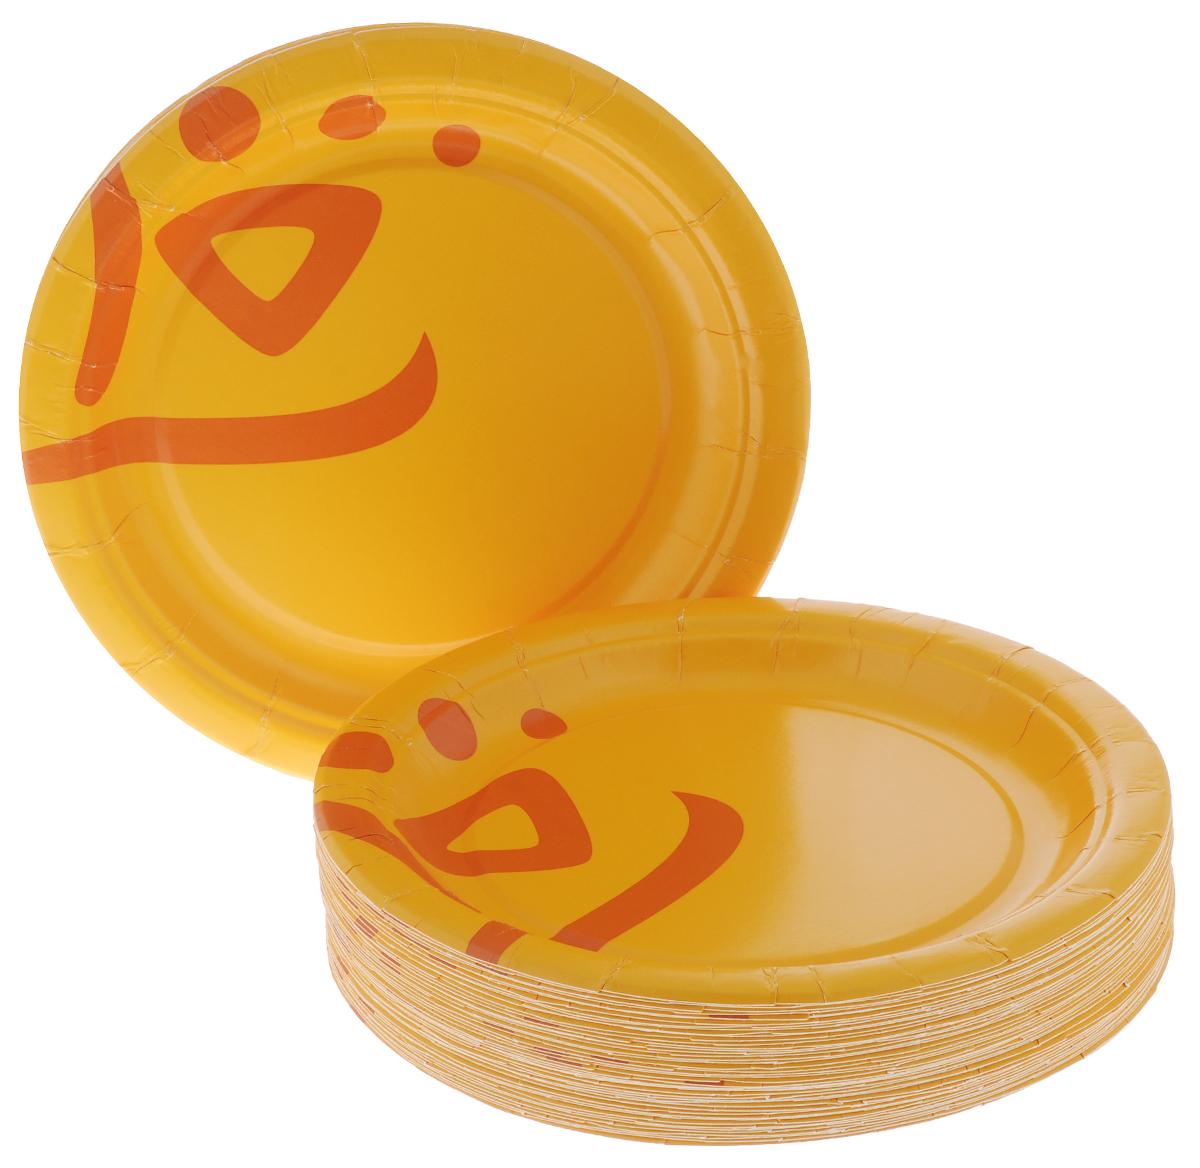 Набор одноразовых тарелок Huhtamaki Whizz, цвет: оранжевый, диаметр 23 см, 50 штПОС22291Набор Huhtamaki Whizz состоит из 50 круглых тарелок, выполненных из плотной бумаги и предназначенных для одноразового использования. Изделия декорированы оригинальным узором. Одноразовые тарелки будут незаменимы при поездках на природу, пикниках и других мероприятиях. Они не займут много места, легки и самое главное - после использования их не надо мыть.Диаметр тарелки (по верхнему краю): 23 см.